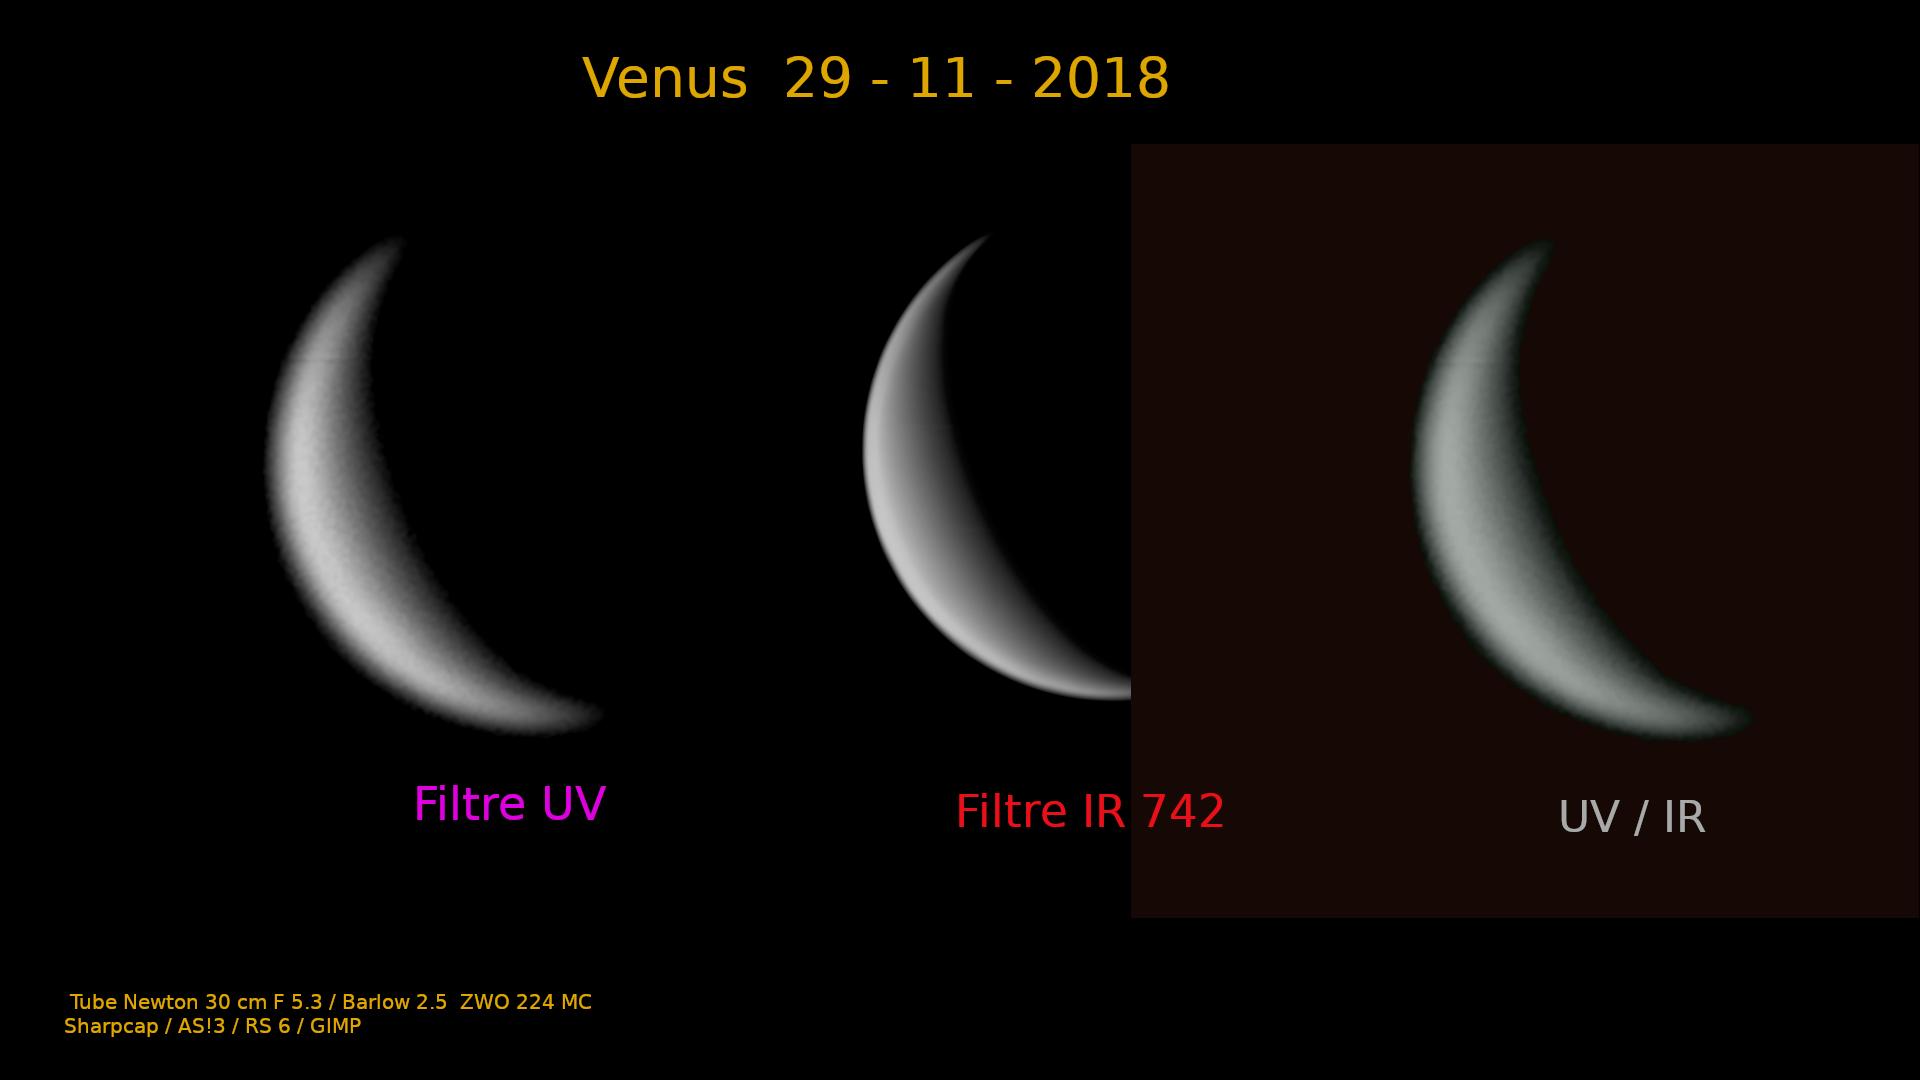 VENUS-28_11_2018.png